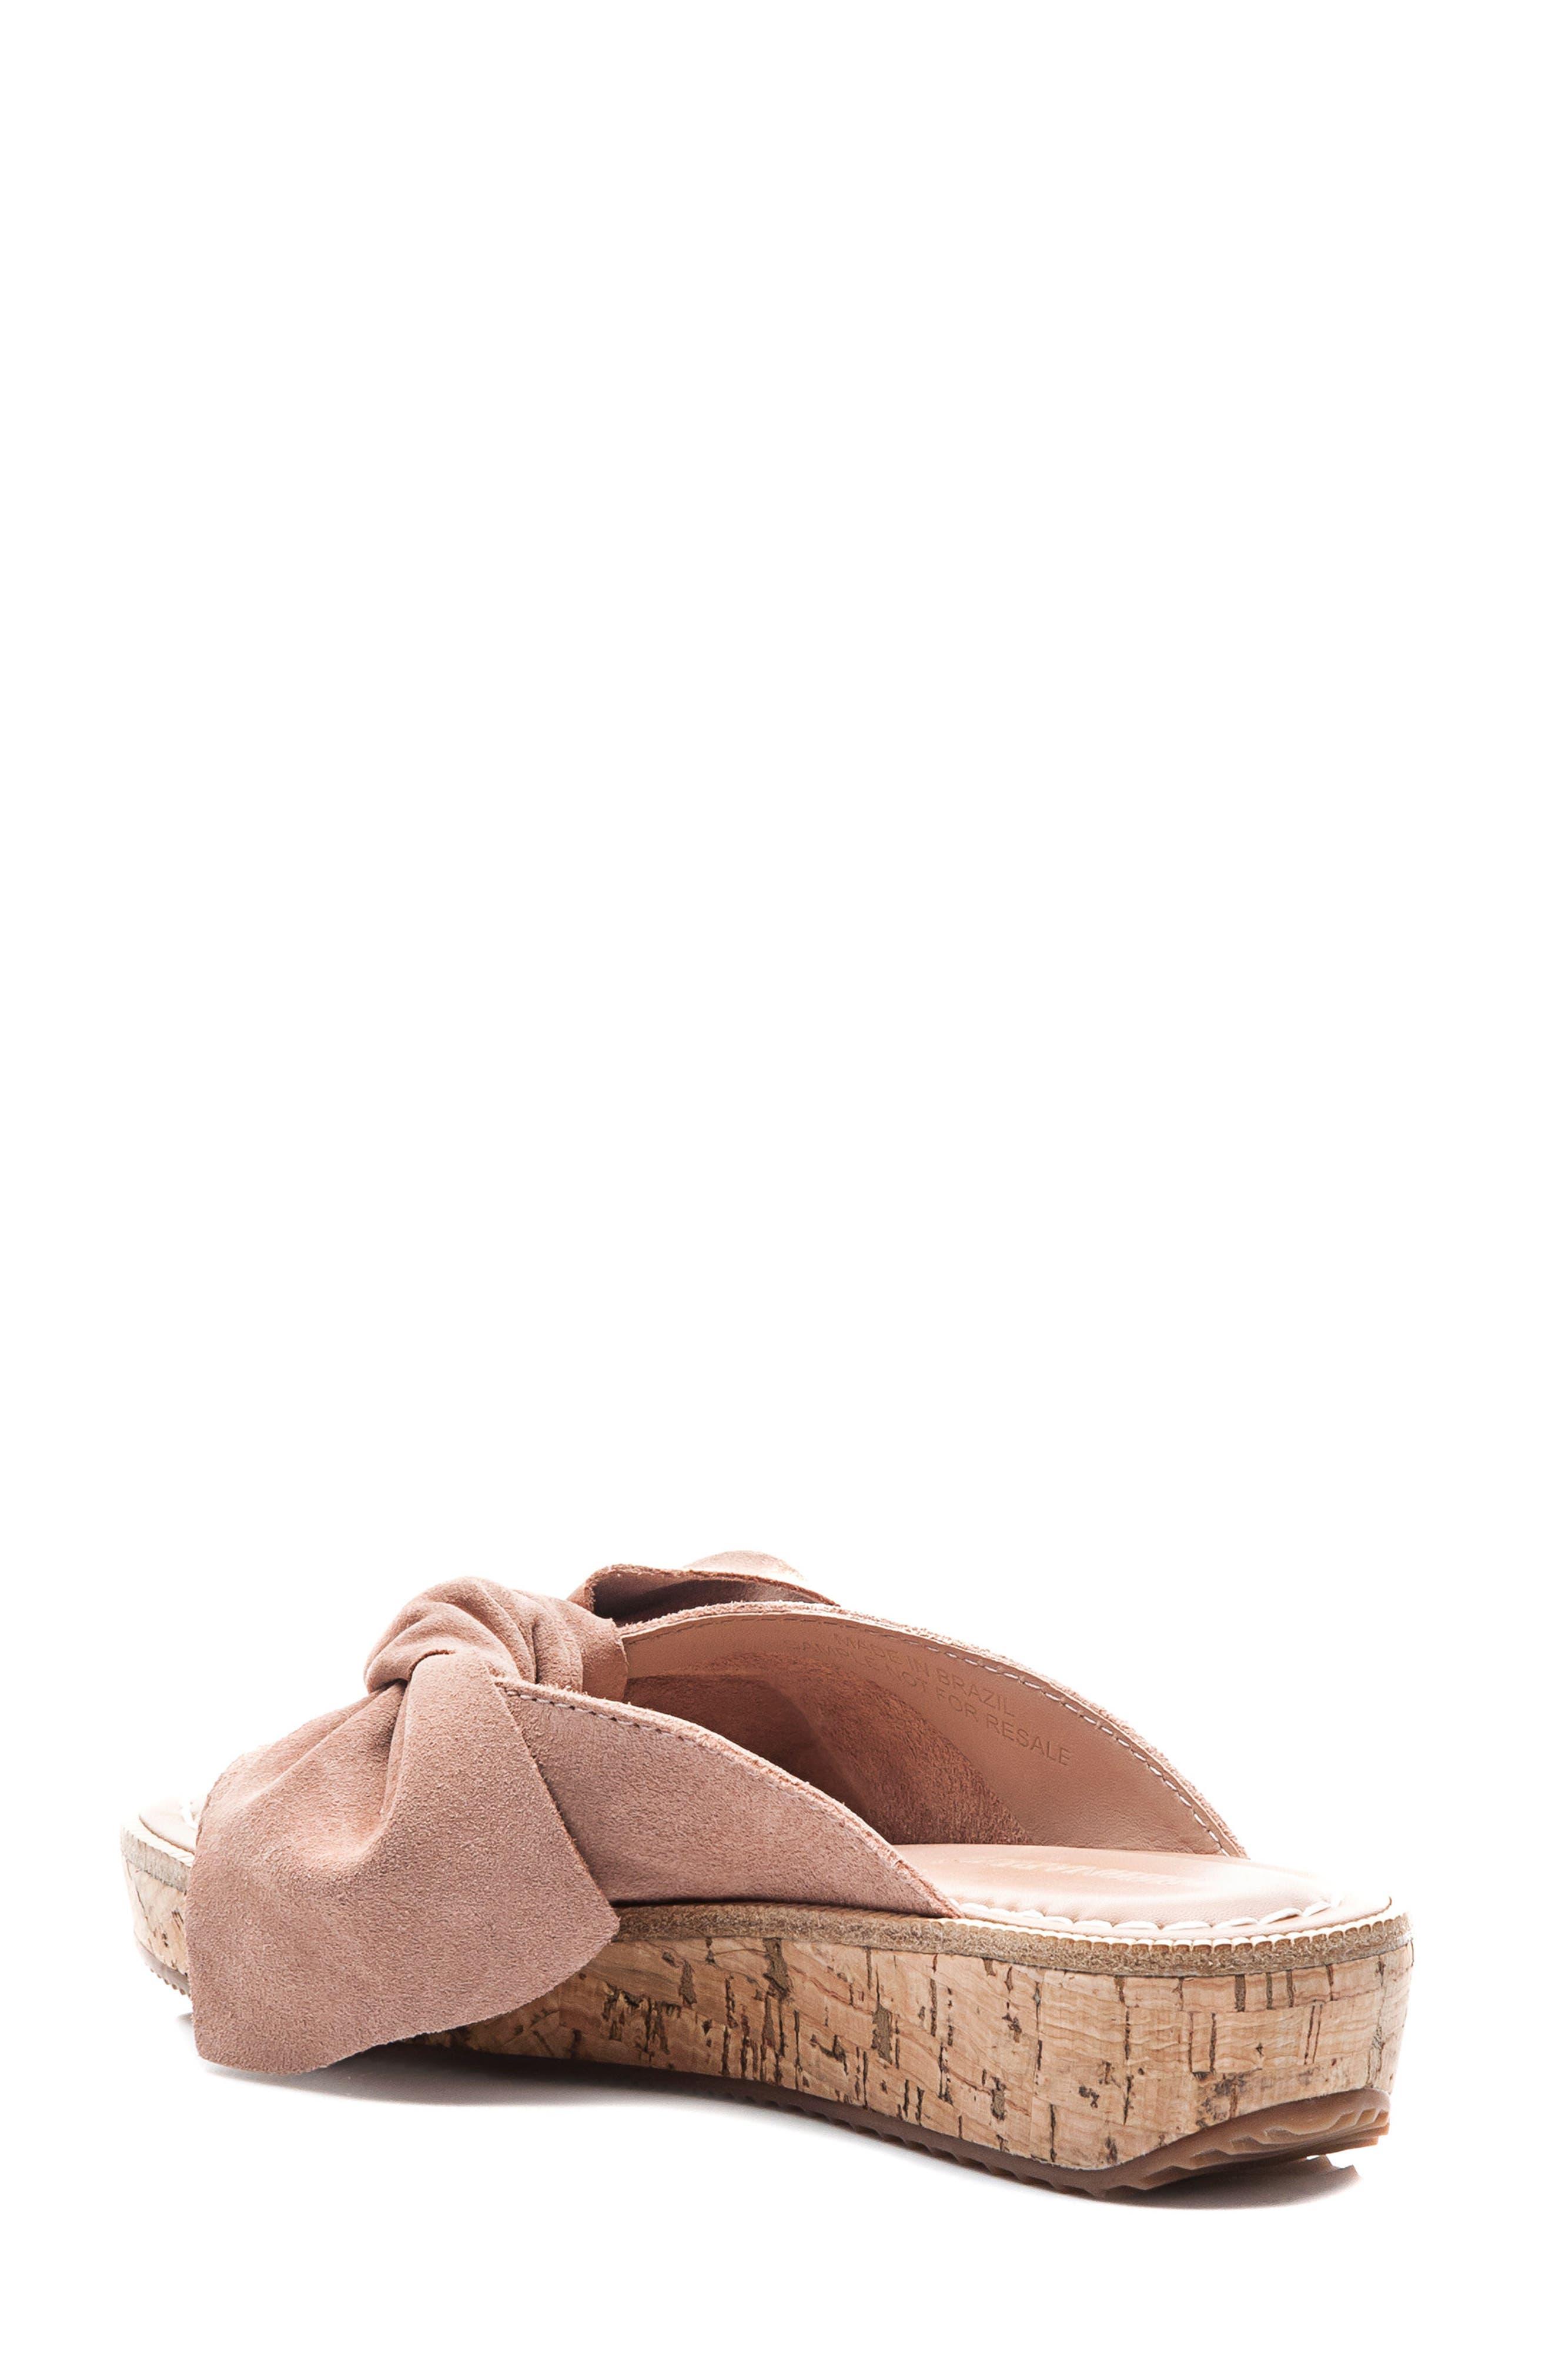 Bernardo Petra Slide Sandal,                             Alternate thumbnail 2, color,                             Blush Leather